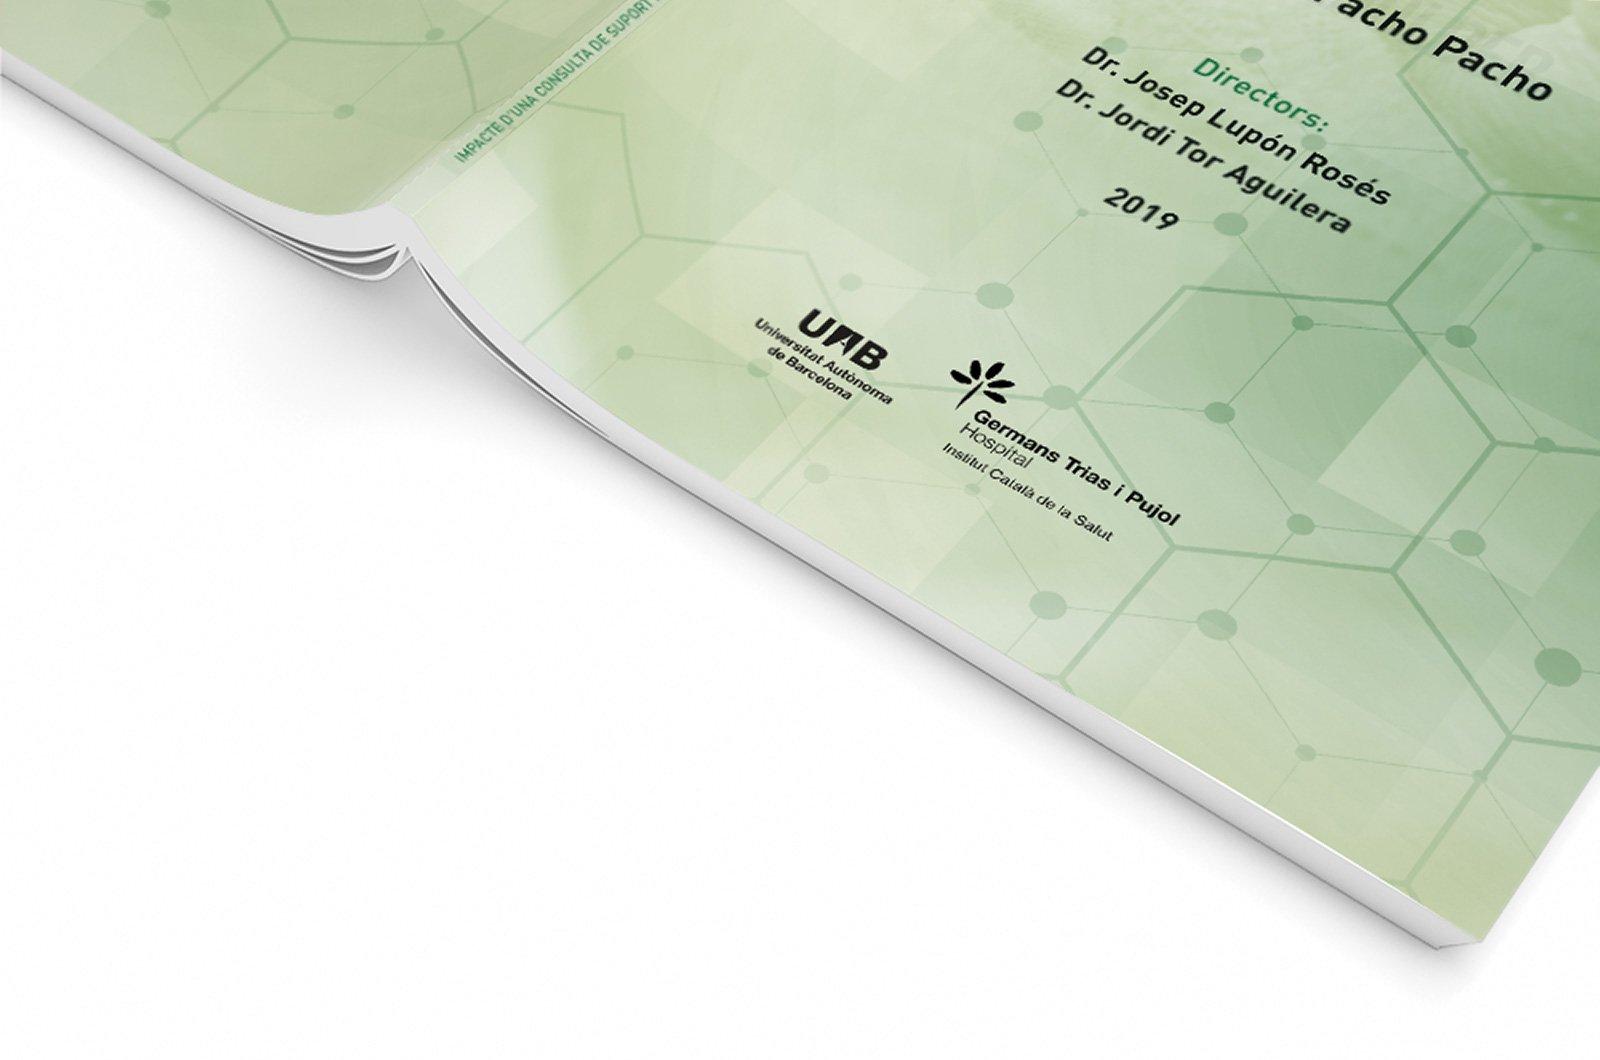 detall portada tesi doctoral de C. Pacho